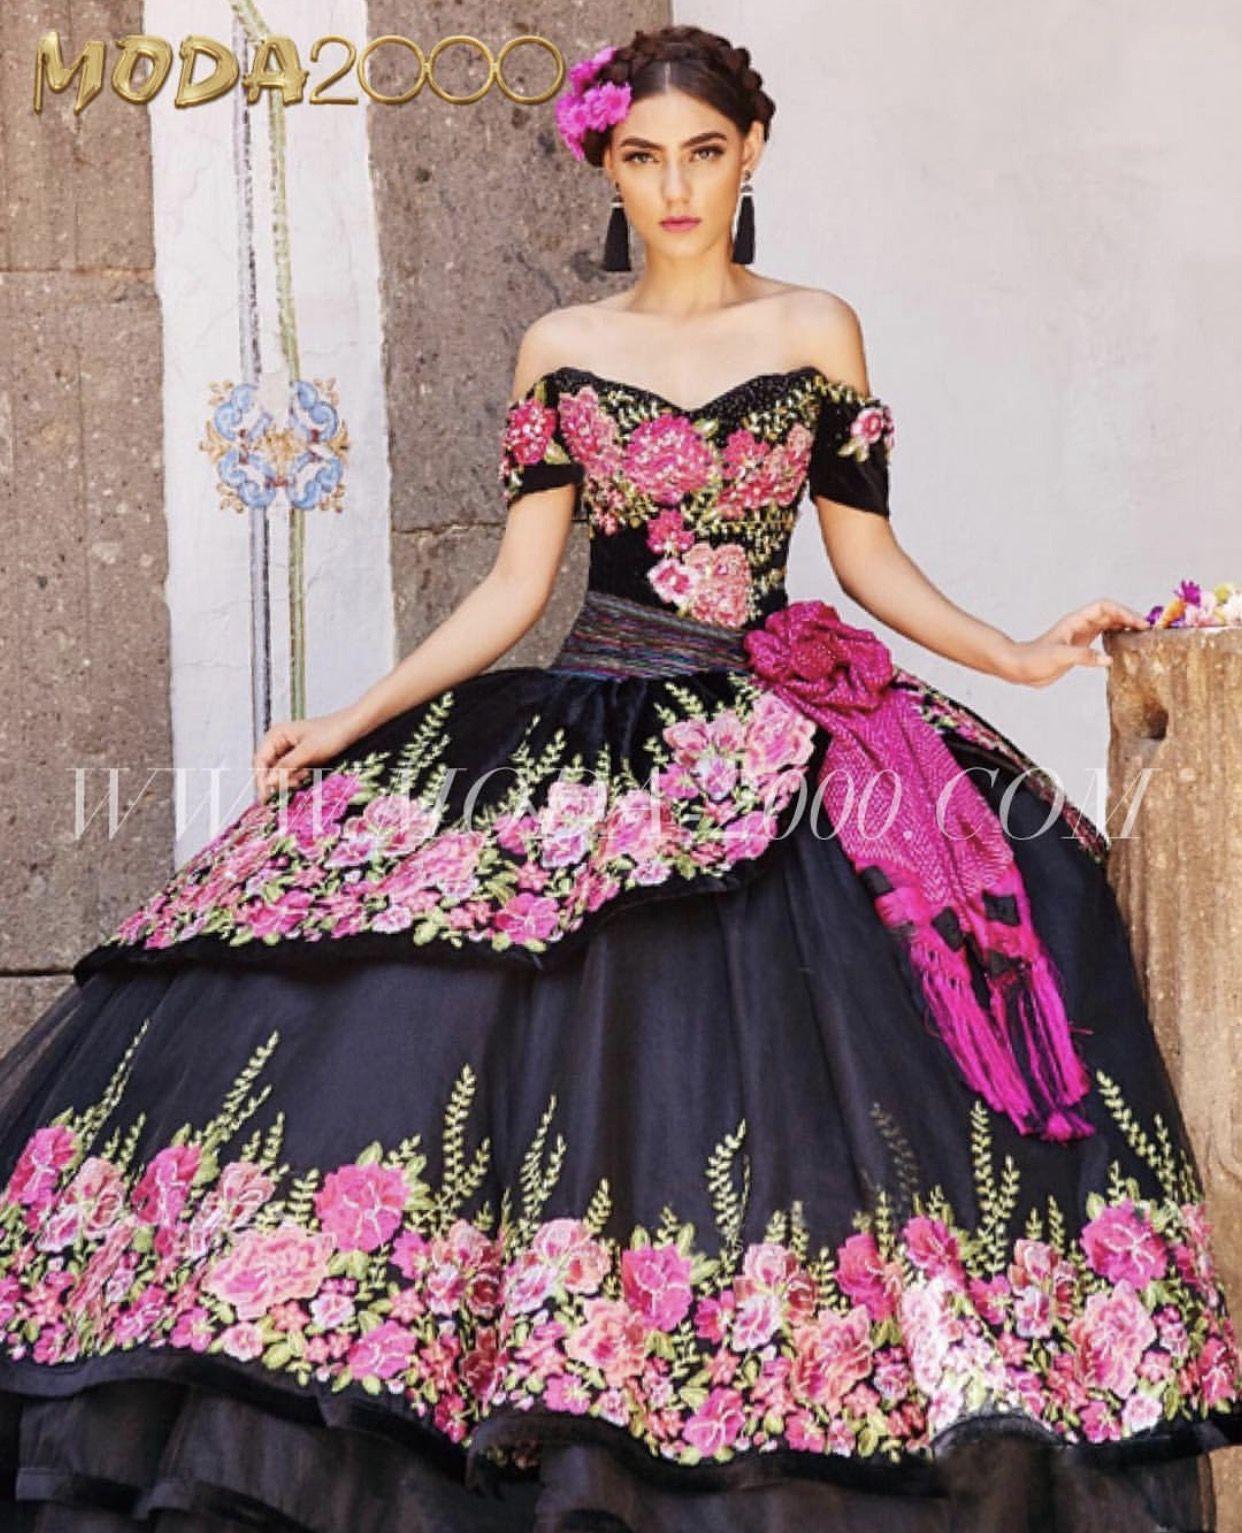 061f4b34376 Off the shoulder floral charro quinceañera dress